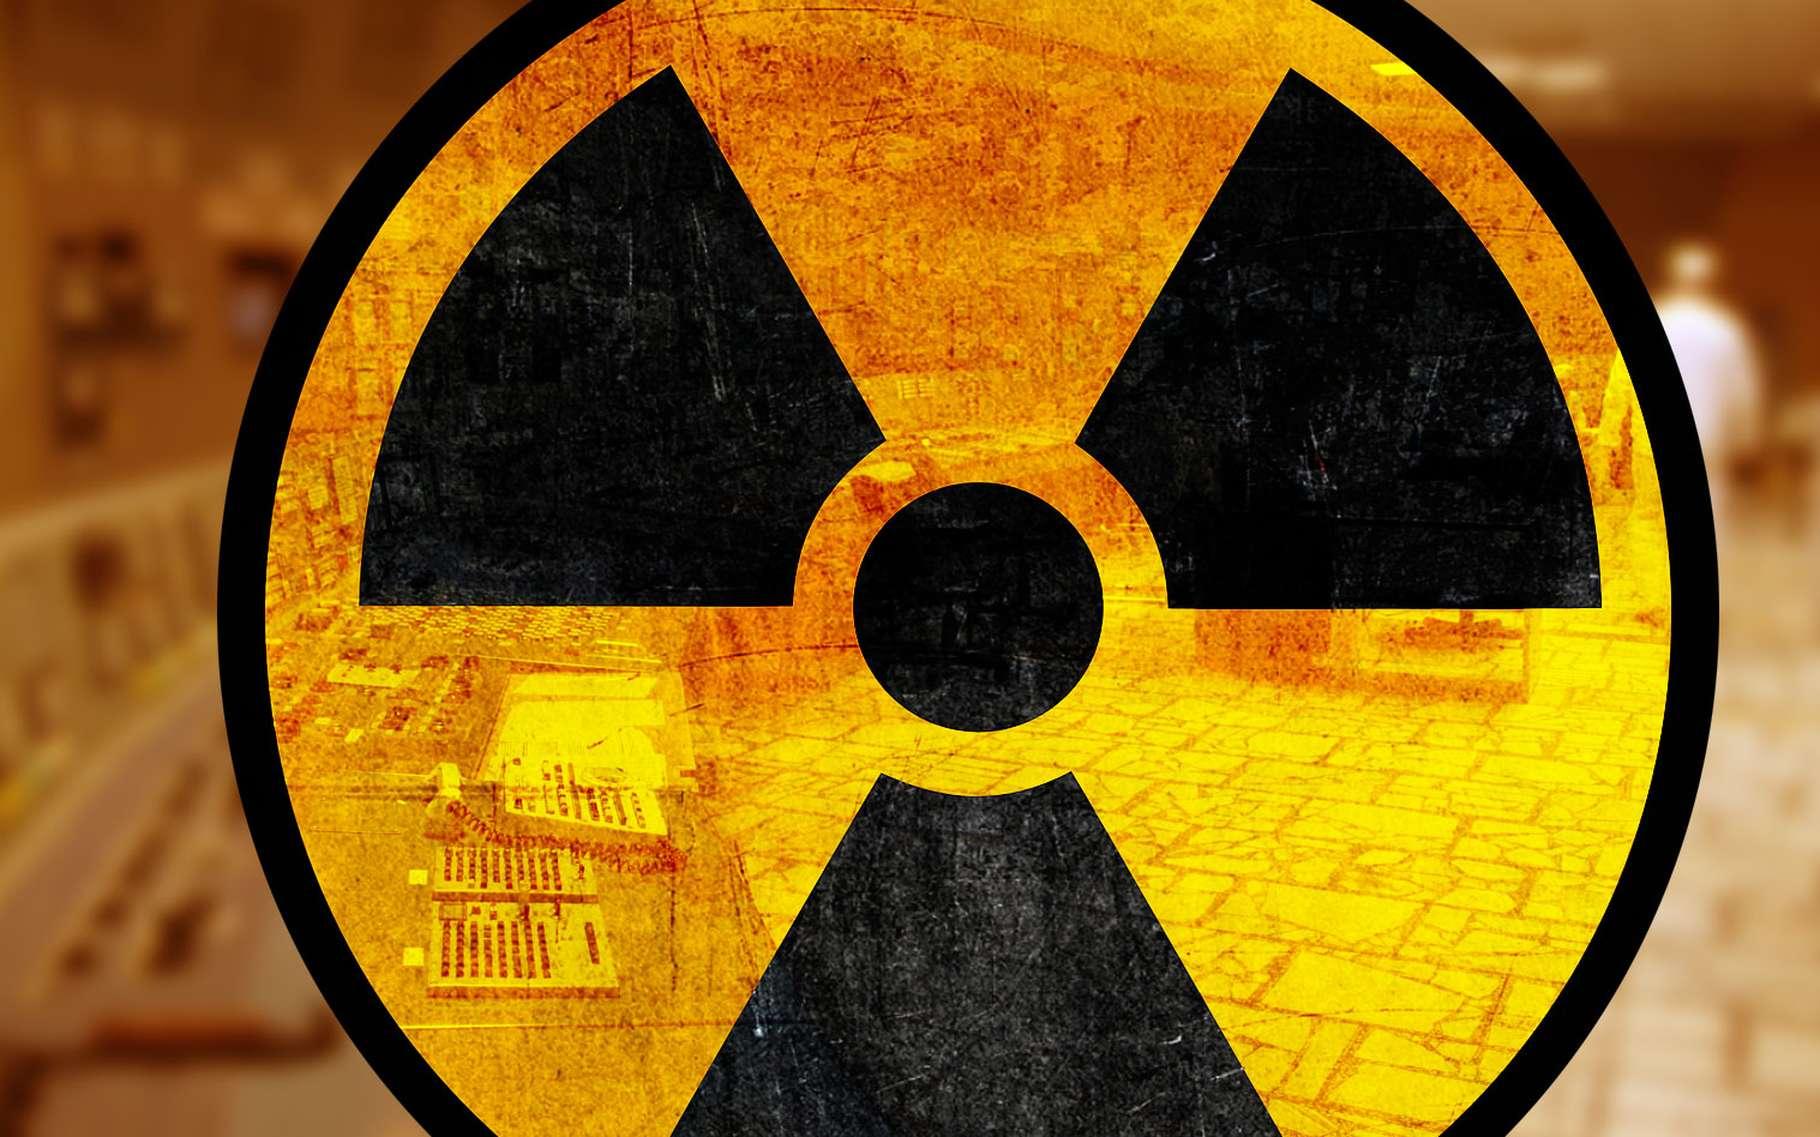 Sols contaminés autour de la centrale, « nuage radioactif », controverses sur les effets en France métropolitaine : les conséquences de la tragédie de Tchernobyl sont complexes et continuent d'être étudiées. © DR